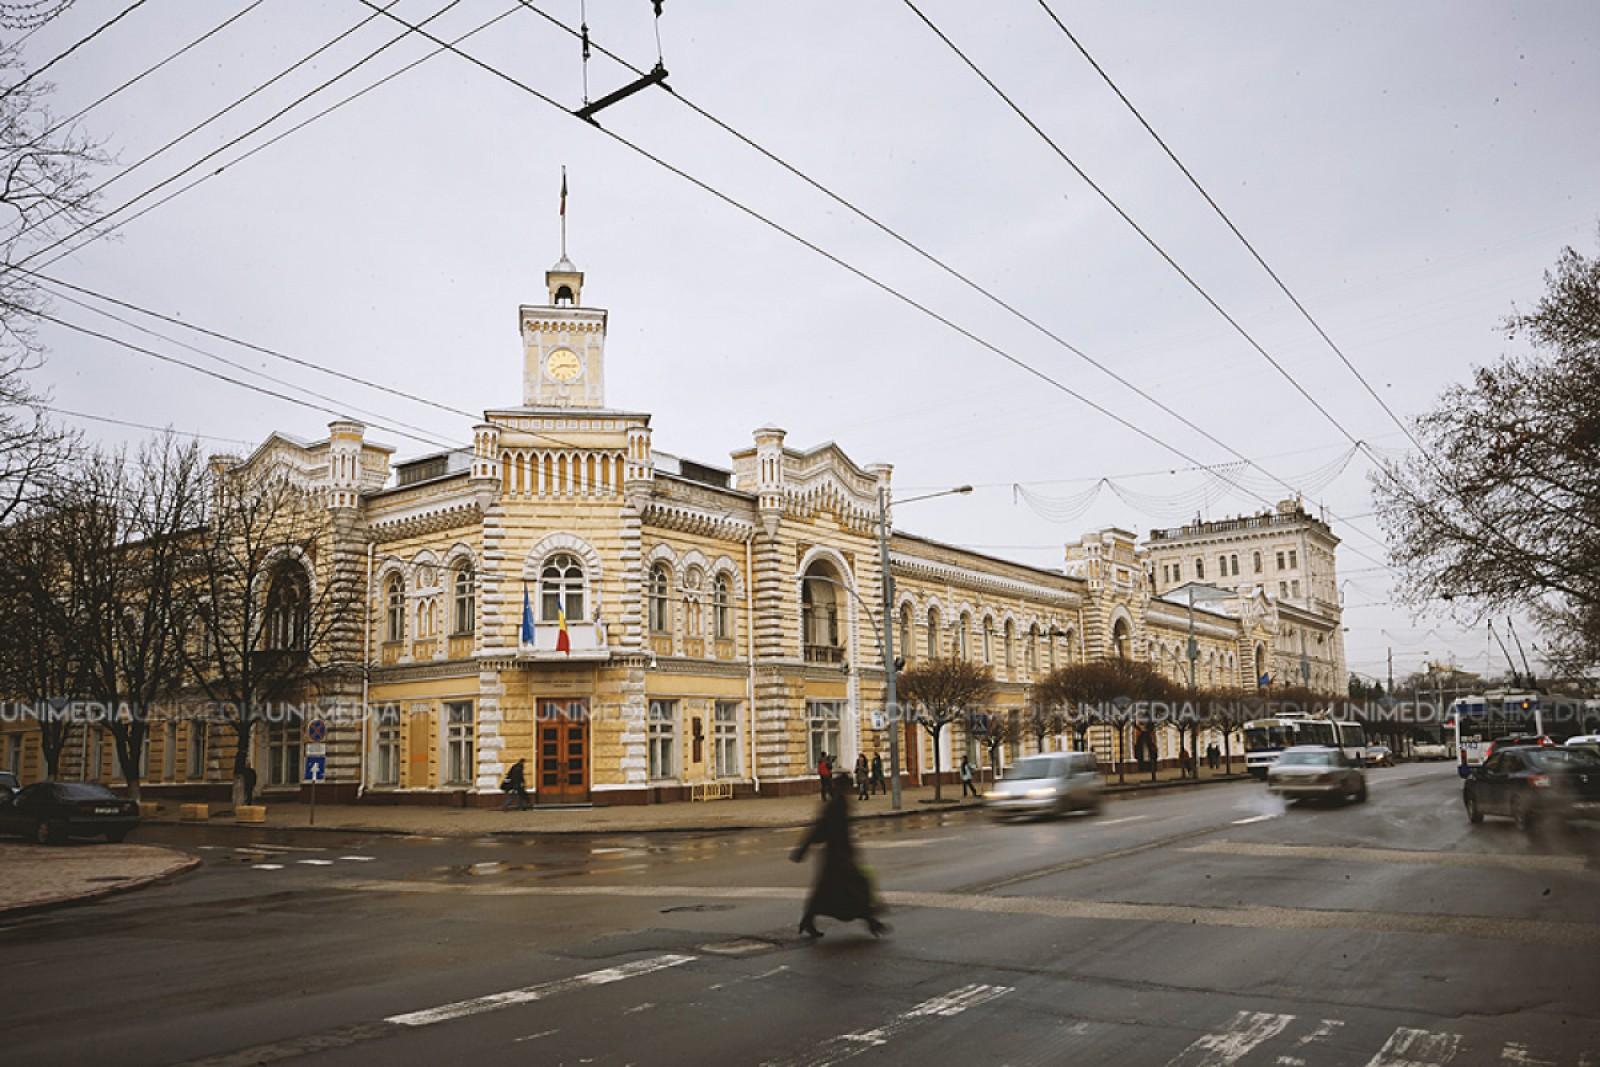 Reorganizări la Primărie: Cu cinci direcții mai puțin, printre care și direcțiile lui Moldovanu, Culev, Spătaru